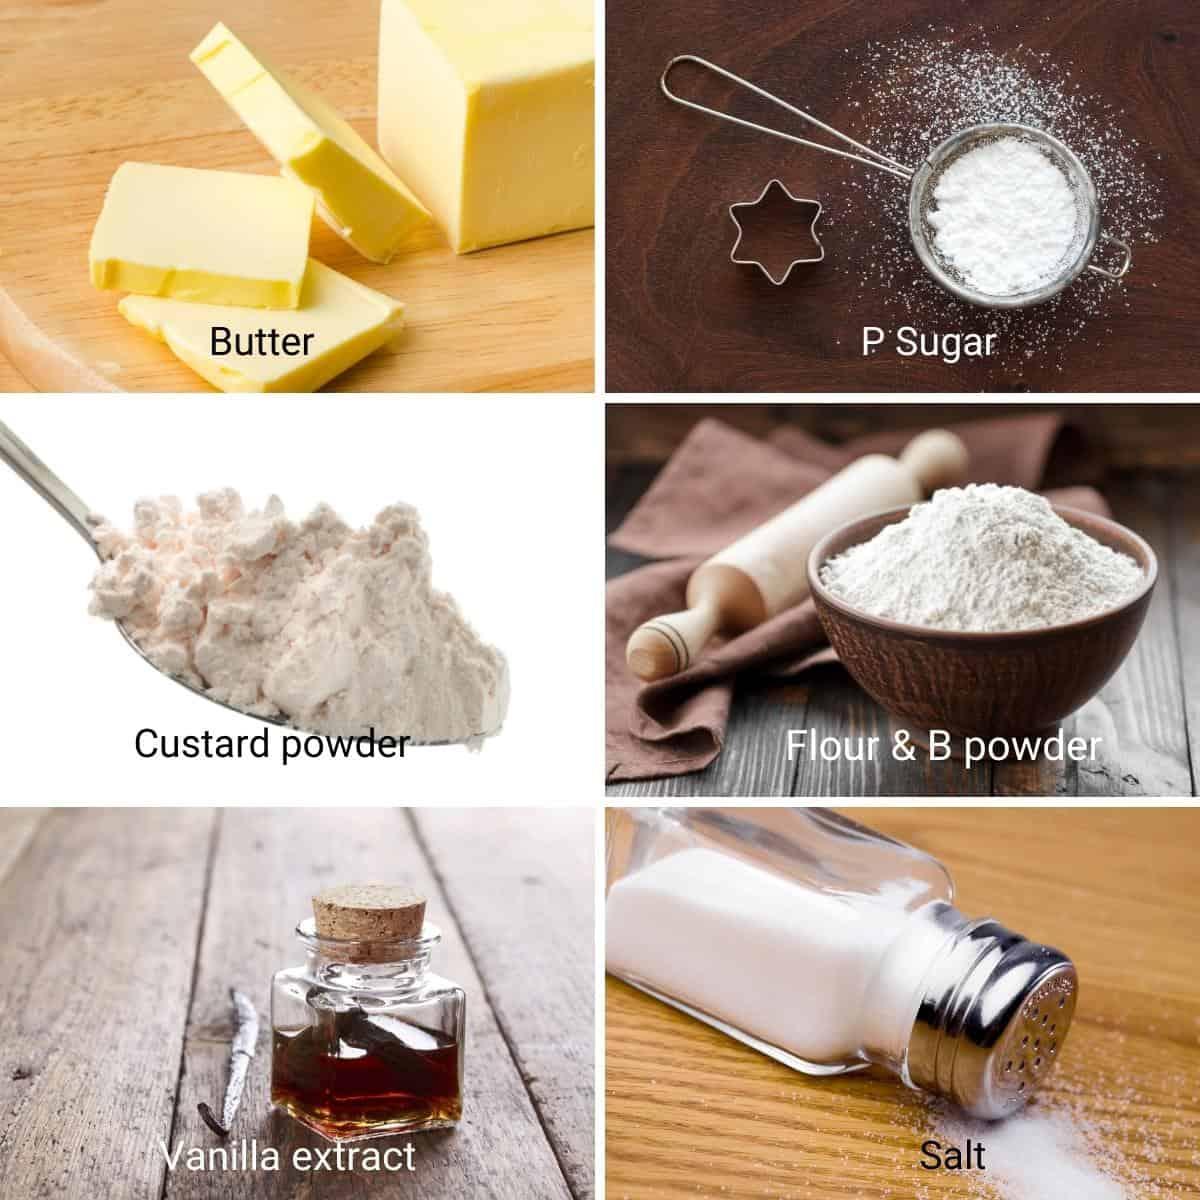 Ingredients for making custard cookies.